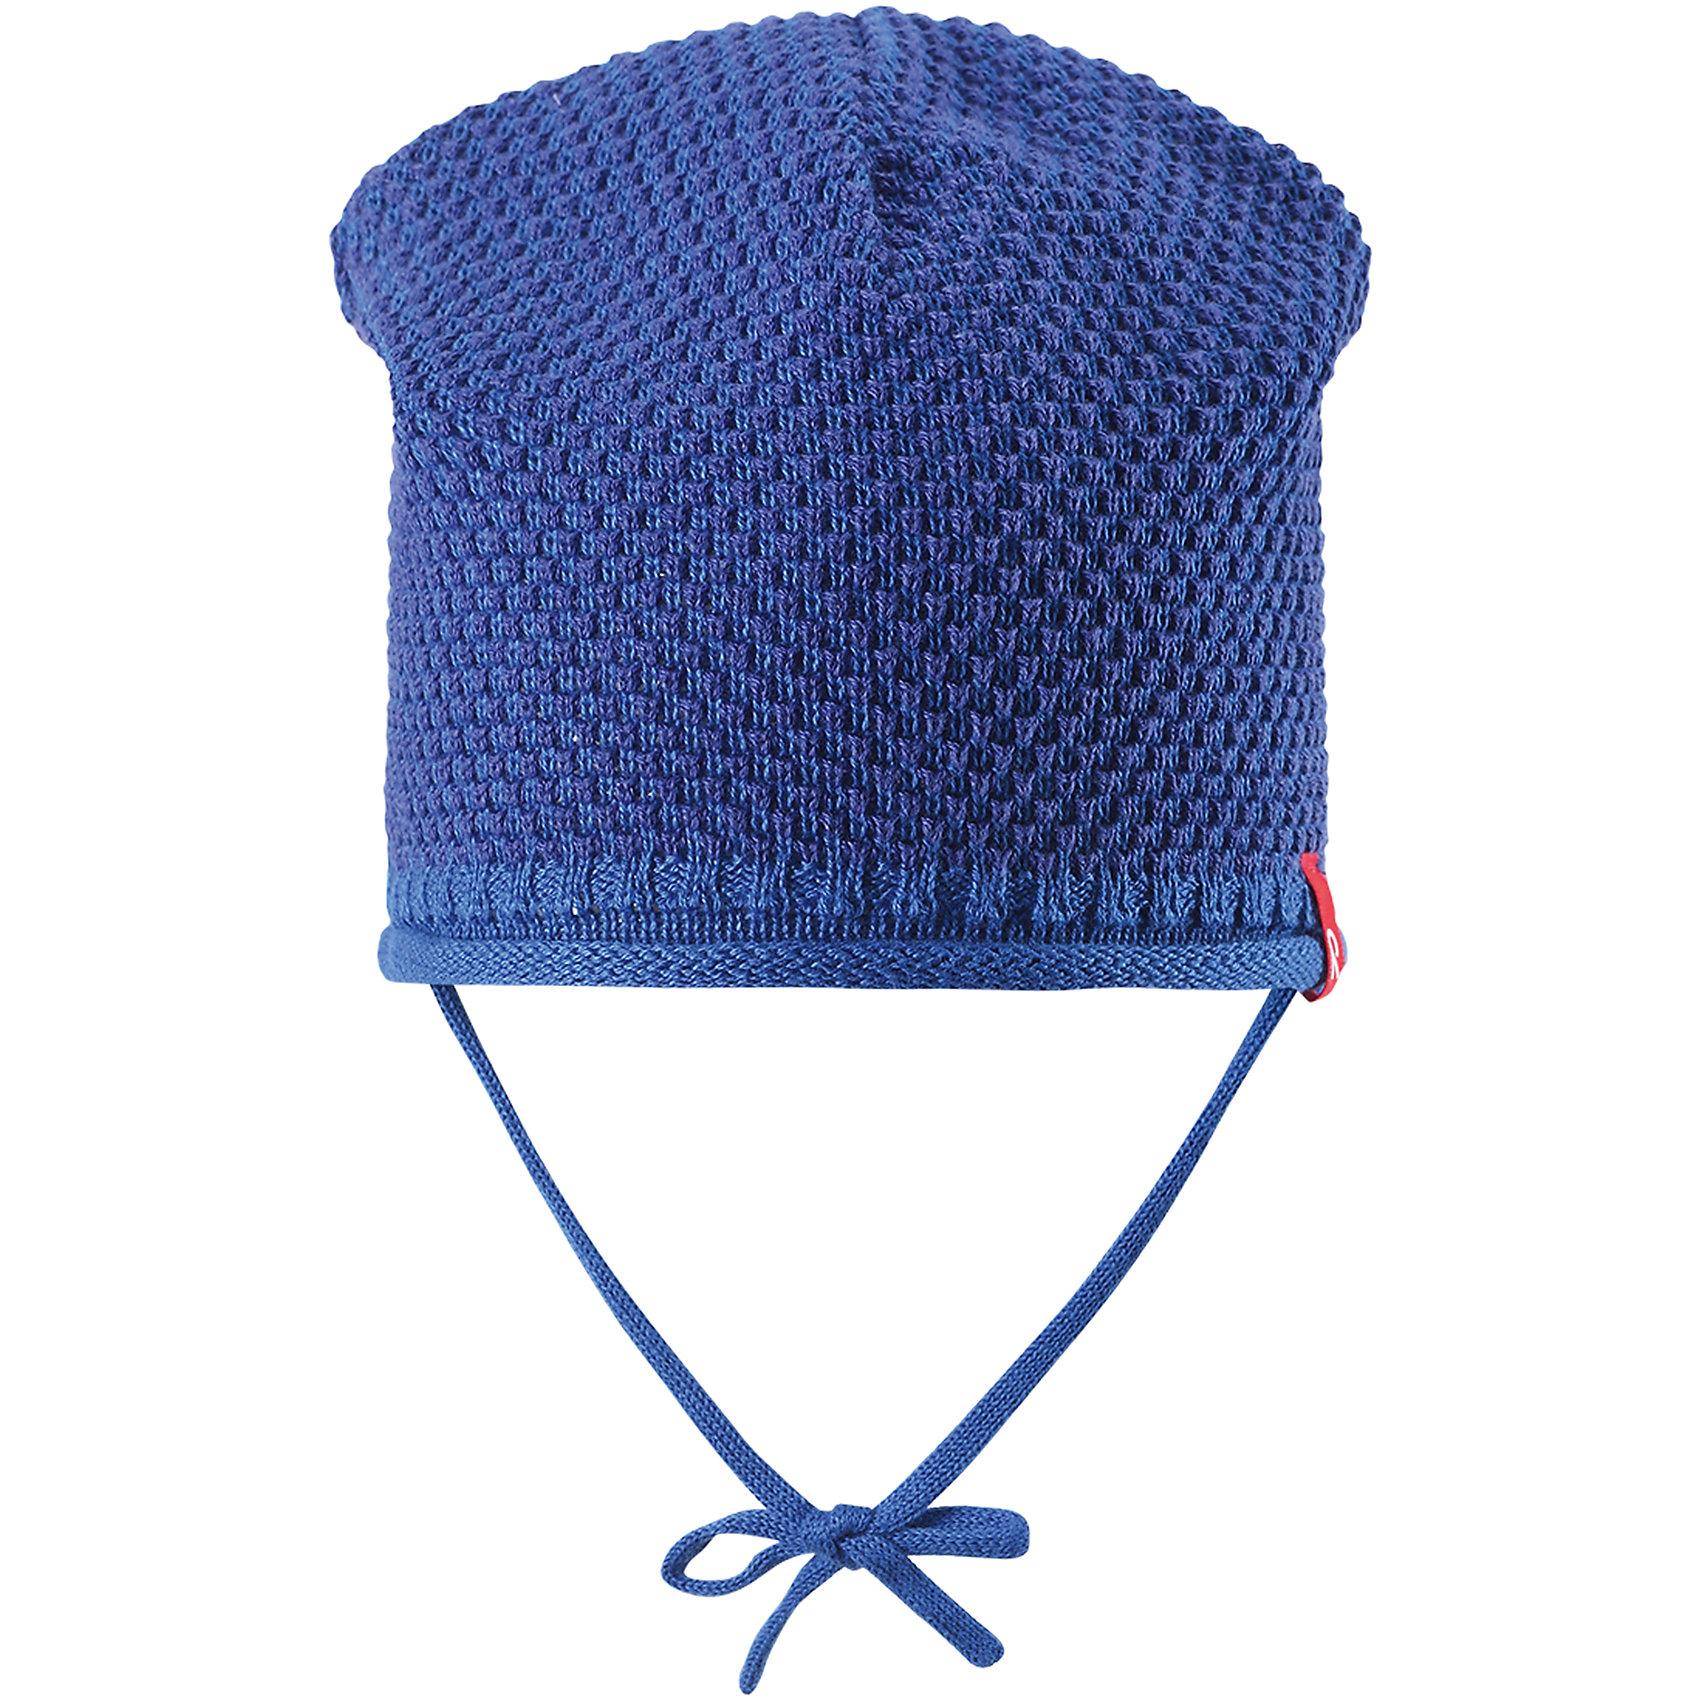 Шапка для мальчика ReimaШапки и шарфы<br>Характеристики товара:<br><br>• цвет: синий<br>• состав: 100% хлопок<br>• облегчённая модель без подкладки<br>• температурный режим: от +10С<br>• эластичный хлопковый трикотаж<br>• изделие сертифицированно по старндарту Oeko-Tex на продукцию класса 1 - одежда для новорожденных<br>• завязки во всех размерах<br>• эмблема Reima спереди<br>• декоративная структурная вязка<br>• страна бренда: Финляндия<br>• страна производства: Китай<br><br>Детский головной убор может быть модным и удобным одновременно! Стильная шапка поможет обеспечить ребенку комфорт и дополнить наряд. Шапка удобно сидит и аккуратно выглядит. Проста в уходе, долго служит. Стильный дизайн разрабатывался специально для детей. Отличная защита от дождя и ветра!<br><br>Уход:<br><br>• стирать по отдельности, вывернув наизнанку<br>• придать первоначальную форму вo влажном виде<br>• возможна усадка 5 %.<br><br>Шапку для мальчика от финского бренда Reima (Рейма) можно купить в нашем интернет-магазине.<br><br>Ширина мм: 89<br>Глубина мм: 117<br>Высота мм: 44<br>Вес г: 155<br>Цвет: синий<br>Возраст от месяцев: 24<br>Возраст до месяцев: 60<br>Пол: Мужской<br>Возраст: Детский<br>Размер: 52,46,48,50<br>SKU: 5270916